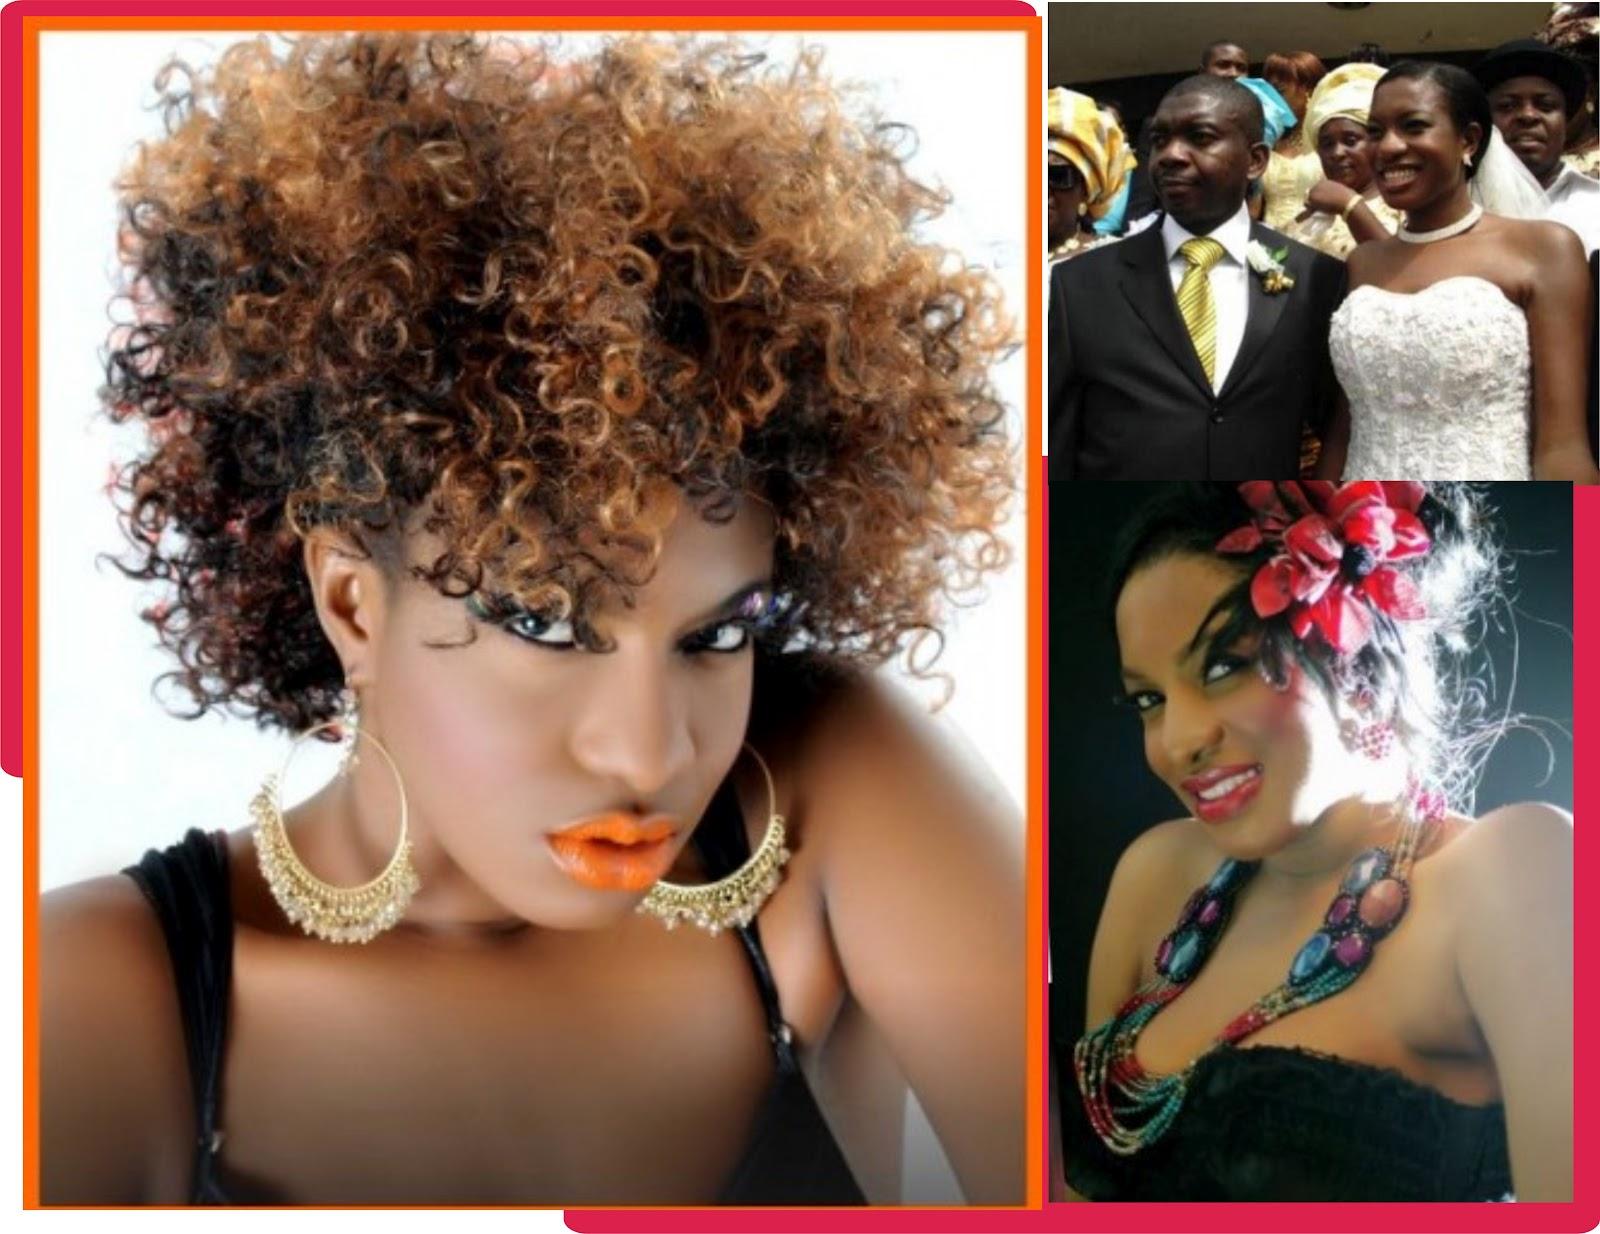 http://4.bp.blogspot.com/-gcZ3_PaJT-M/T6JvxL5D3_I/AAAAAAAADz4/a7Oogblqq5o/s1600/chika.jpg